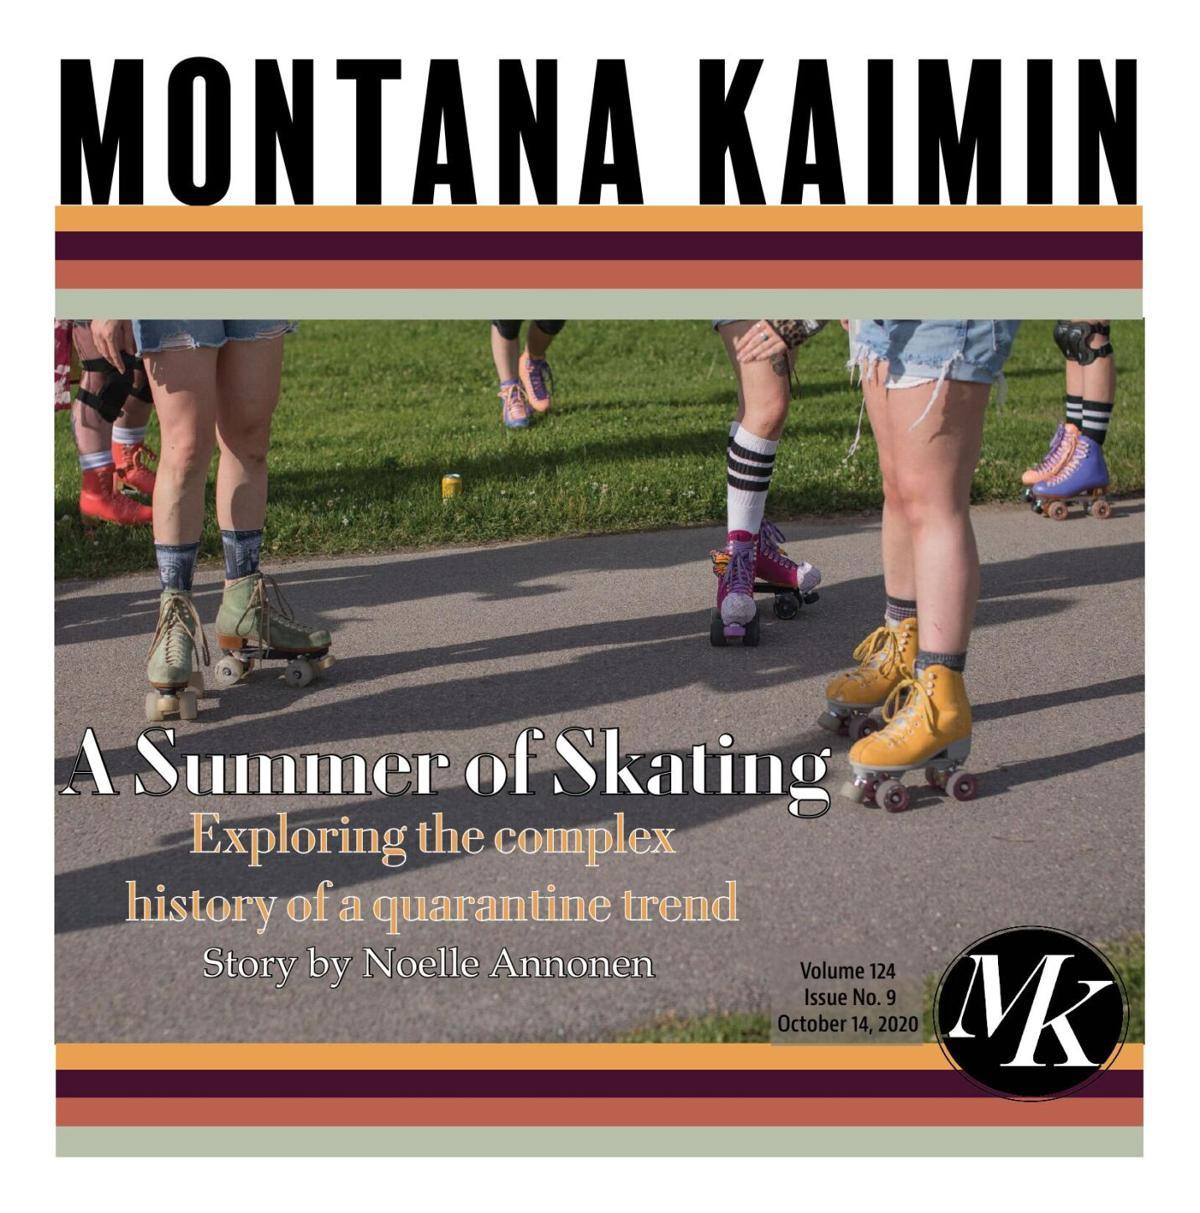 Montana Kaimin   Vol 123 Issue no. 09 10.14.2020